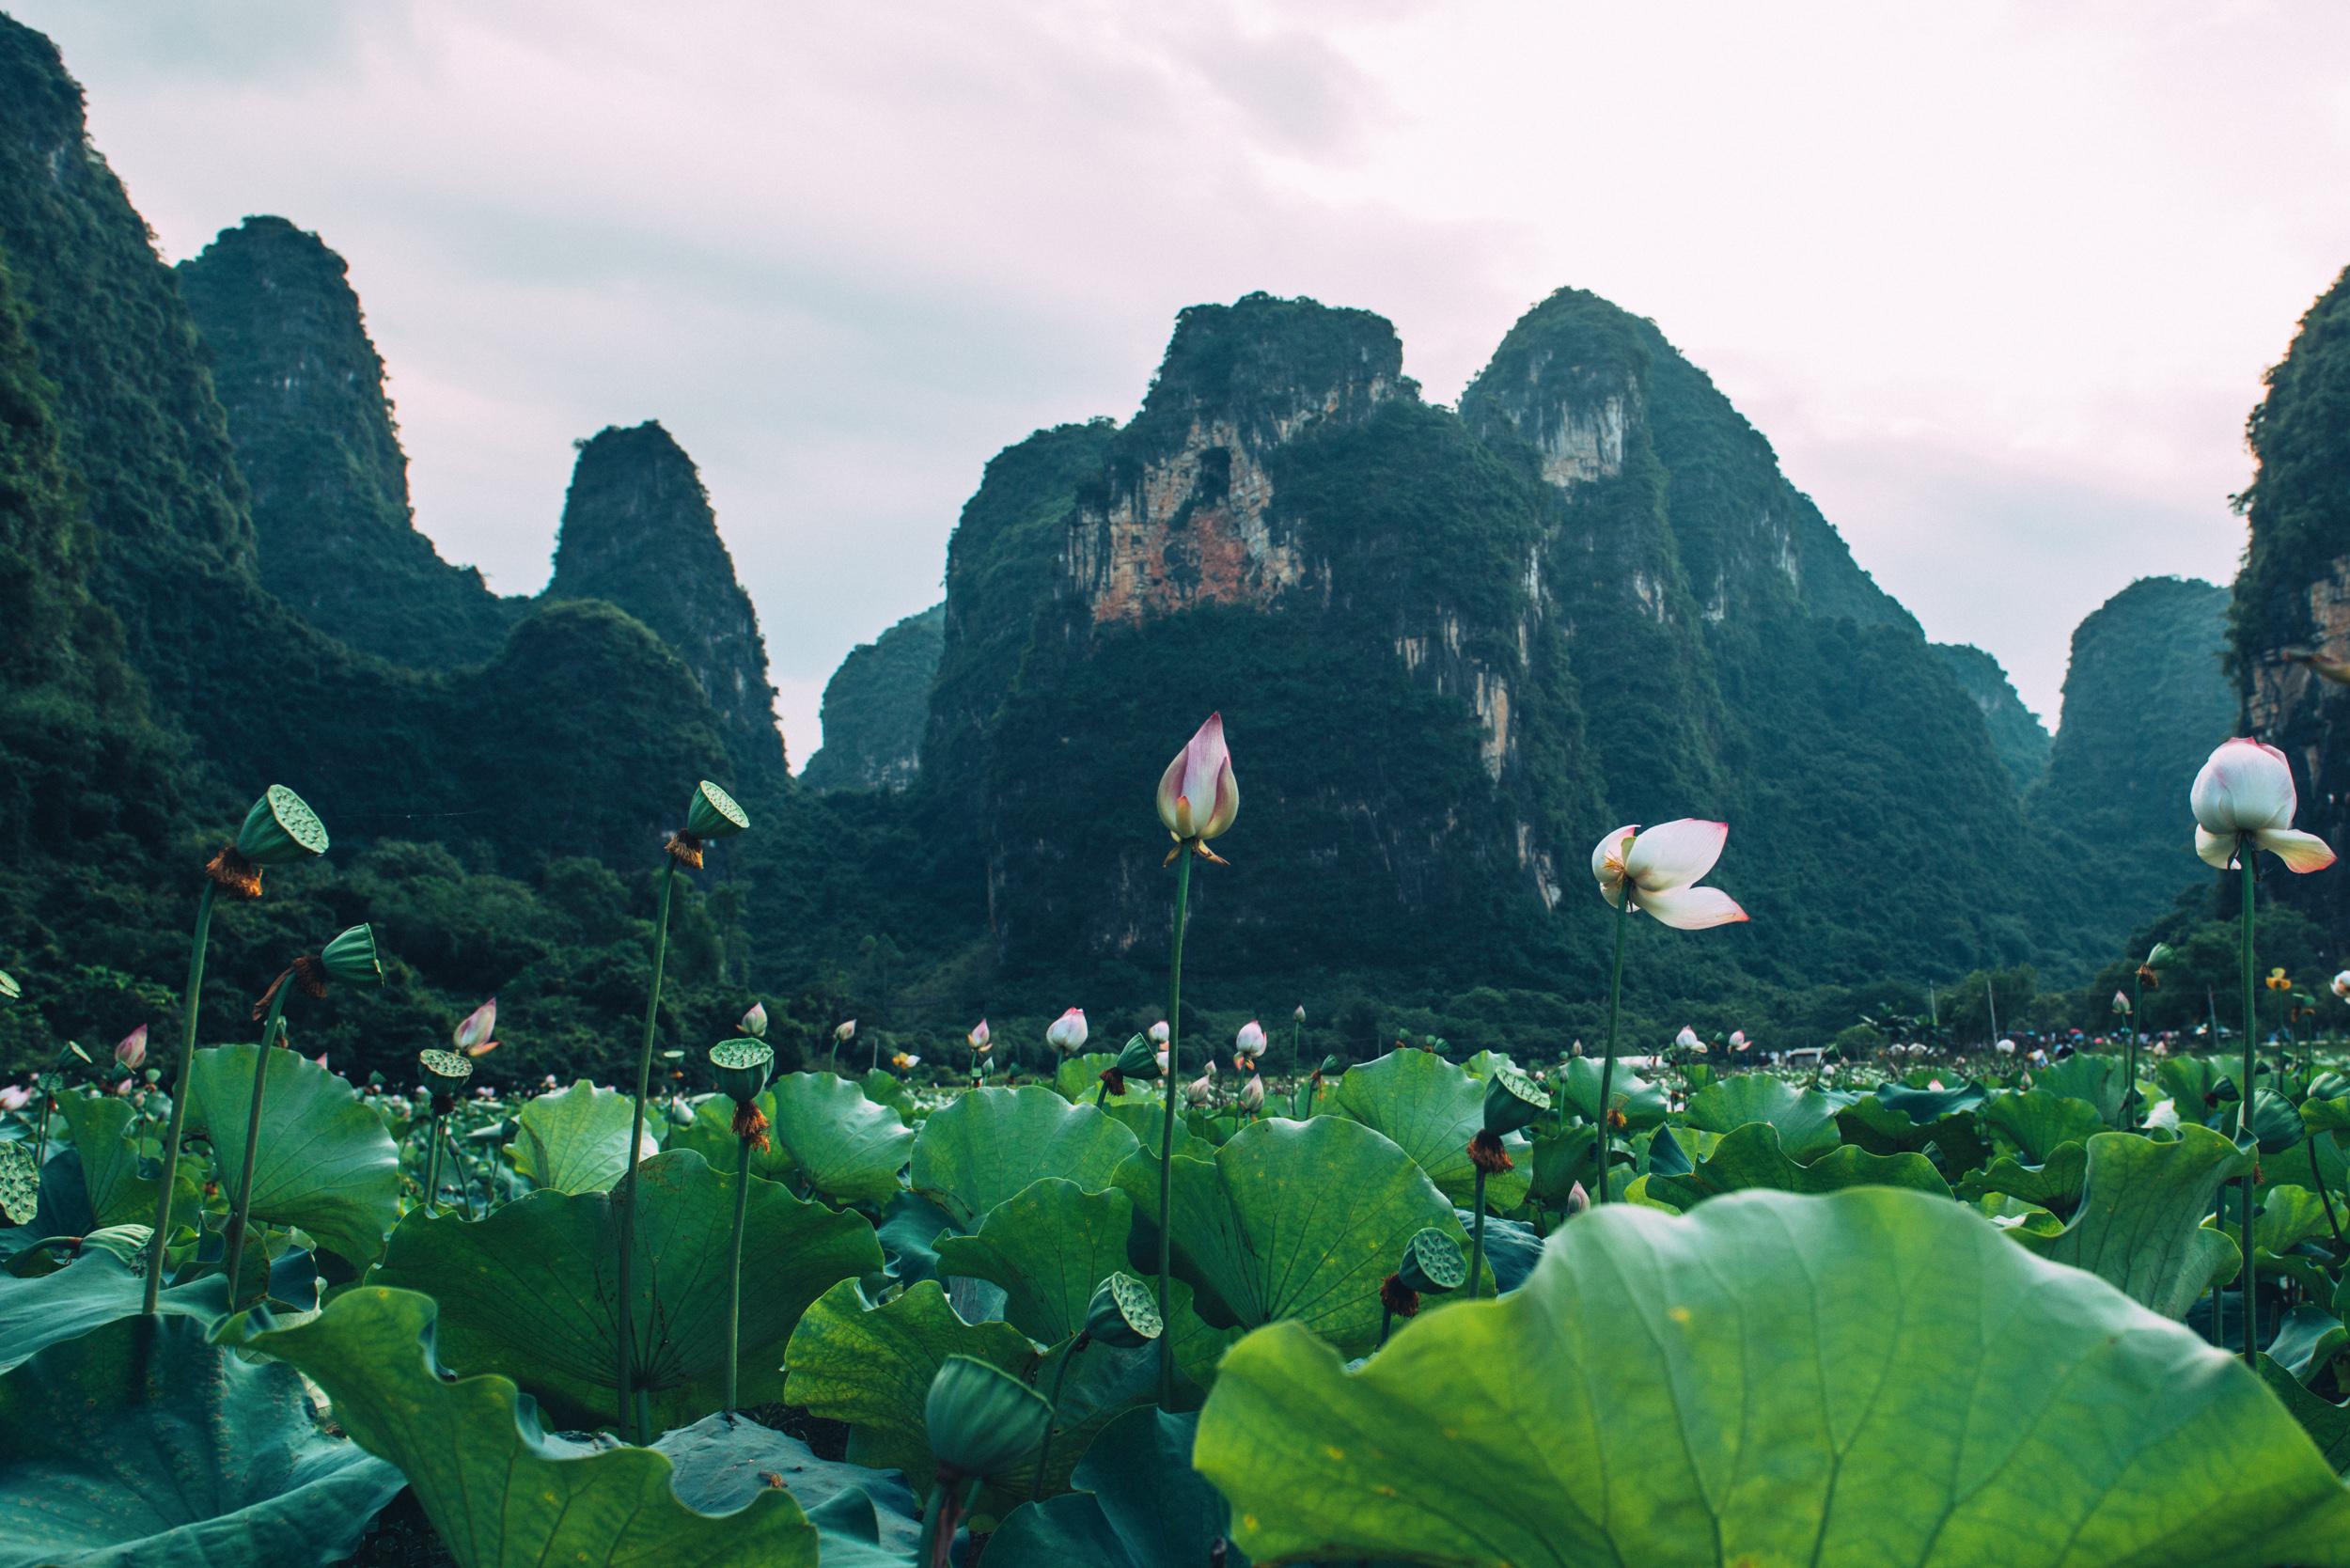 JH2573_Lotus-Flowers.jpg